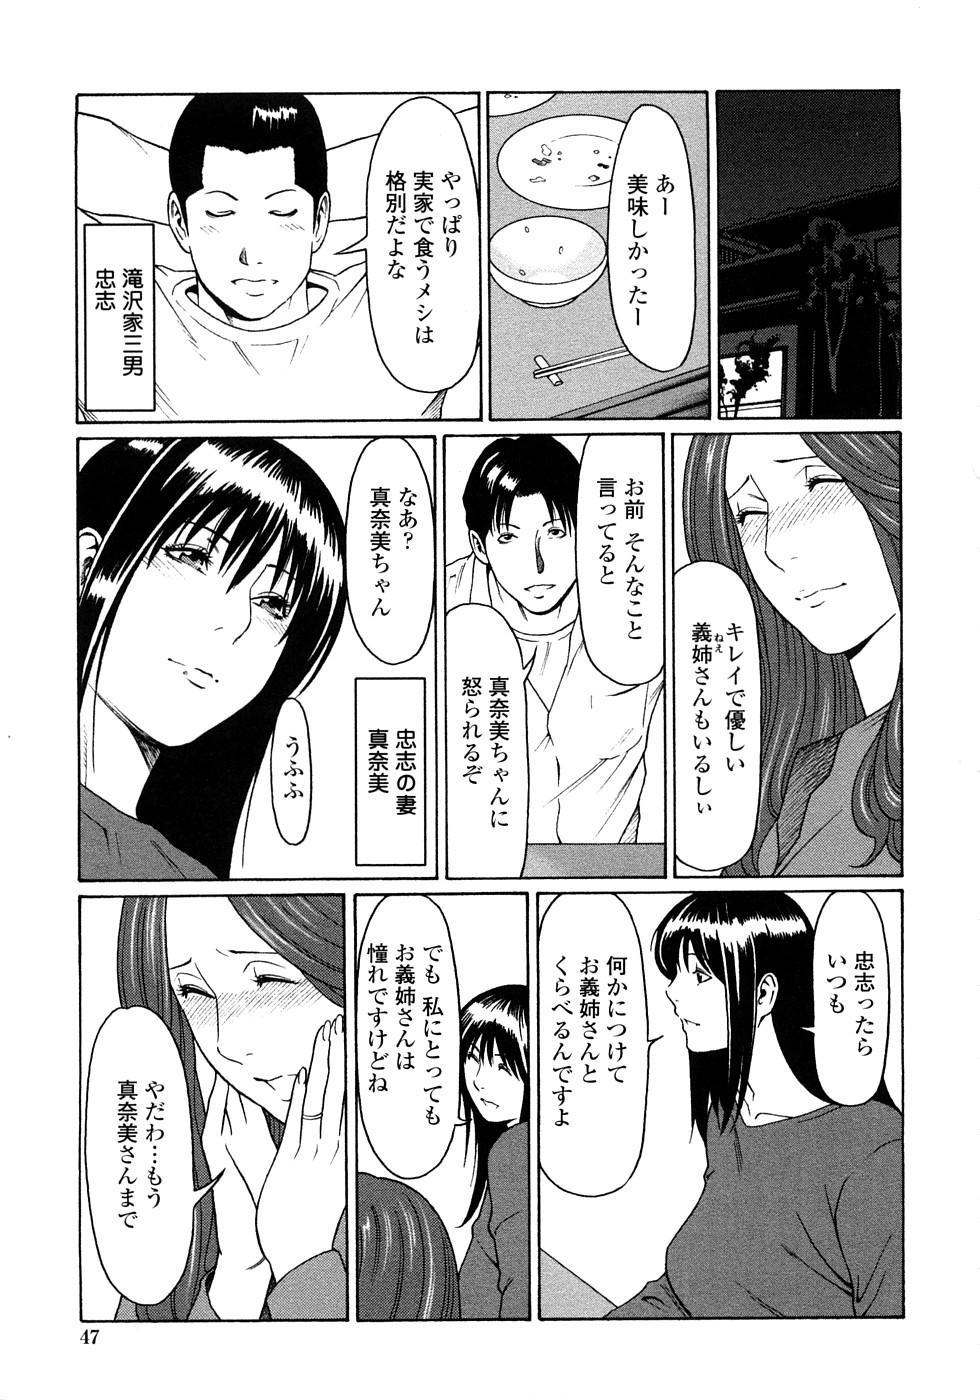 Etsuraku no Tobira - The Door of Sexual Pleasure 45